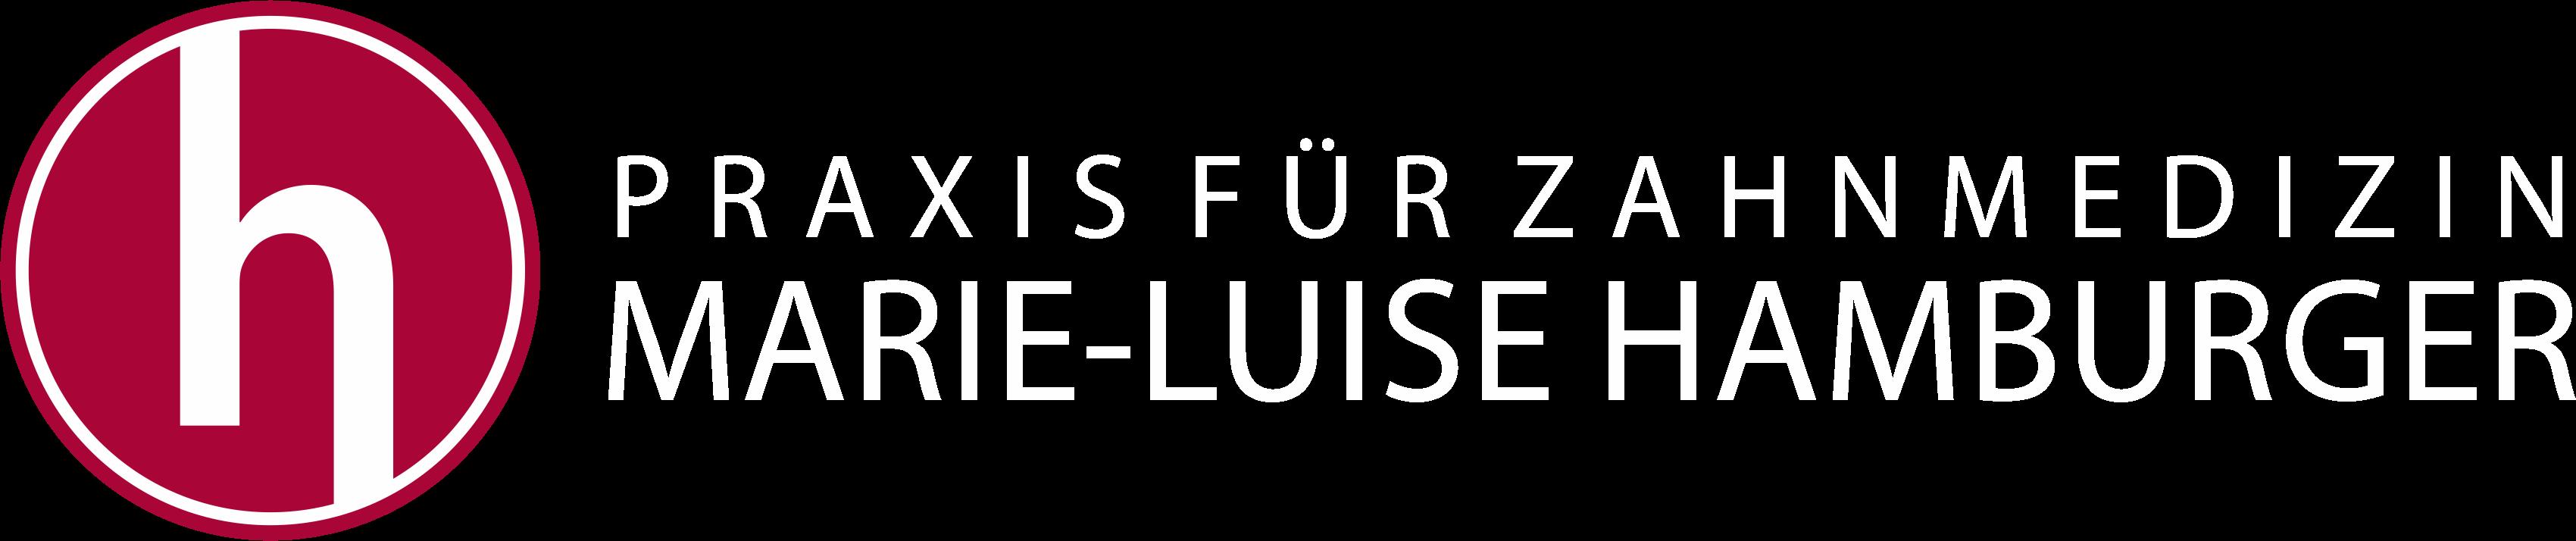 PRAXIS FÜR ZAHNMEDIZIN MARIE-LUISE HAMBURGER